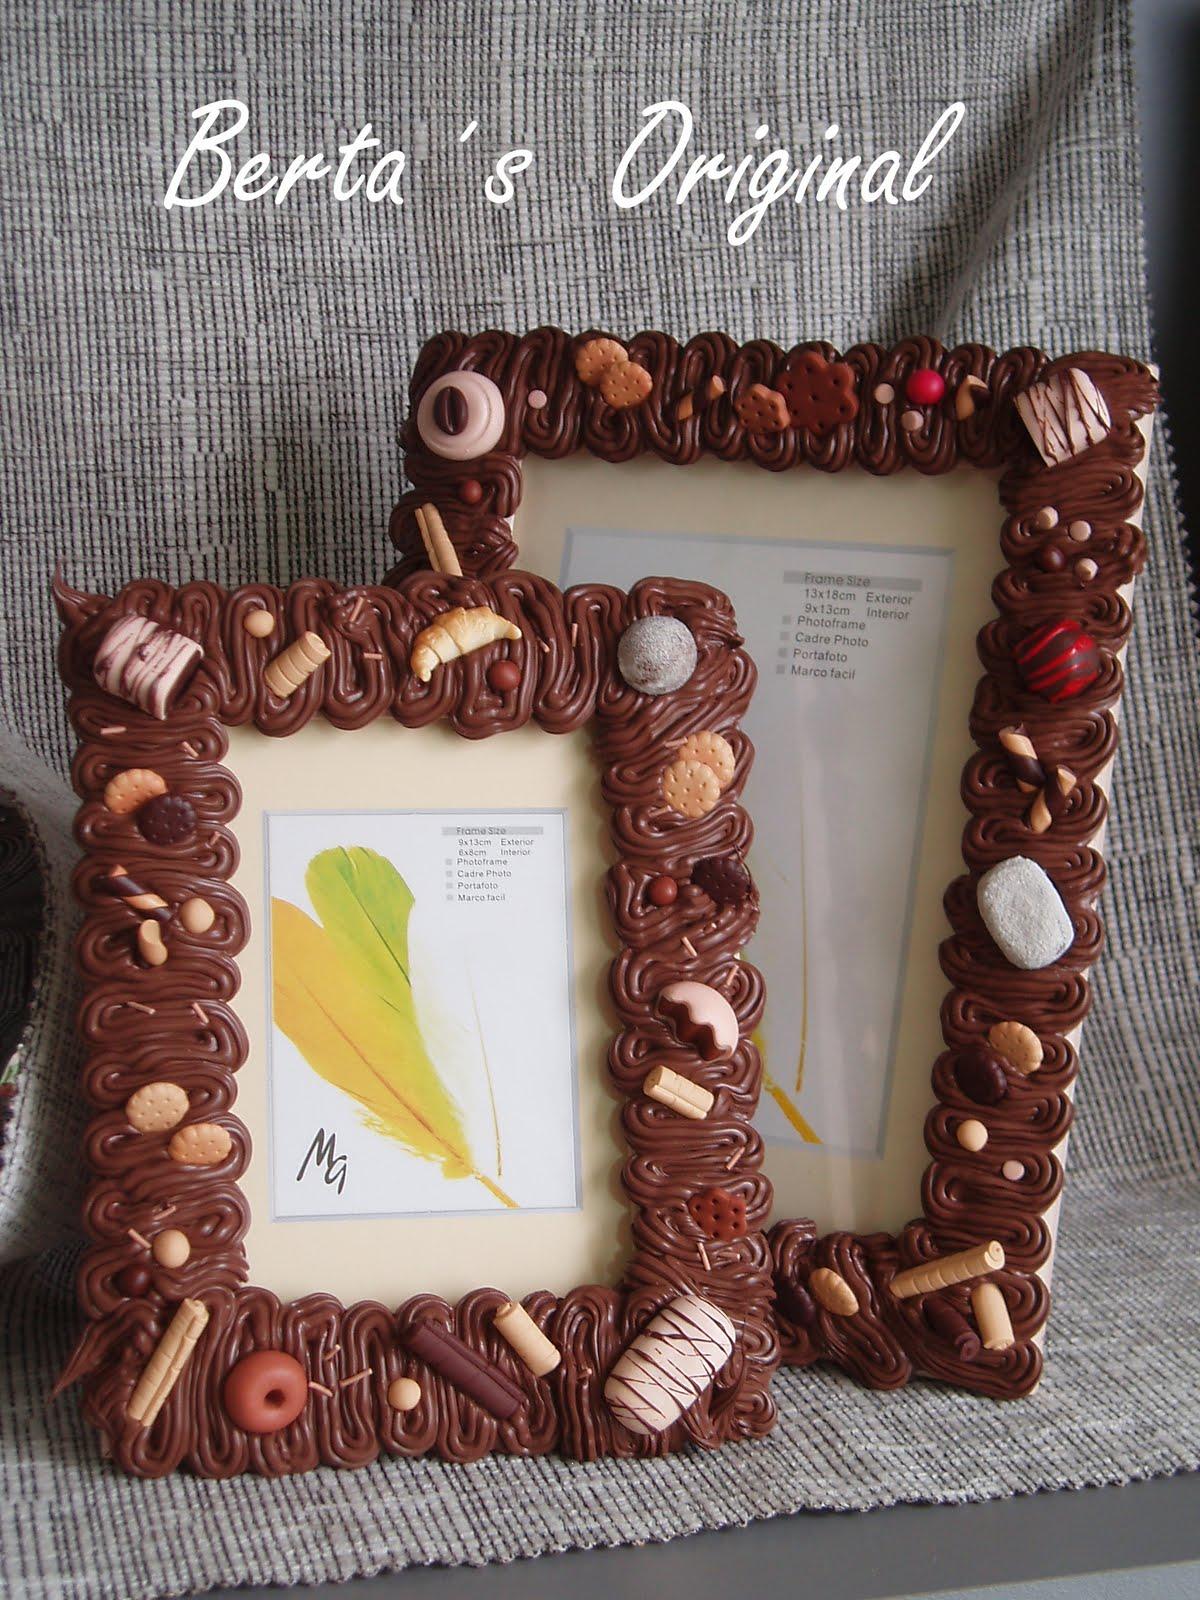 Berta s original mis marcos de fotos decorados todo un - Marcos decorados ...